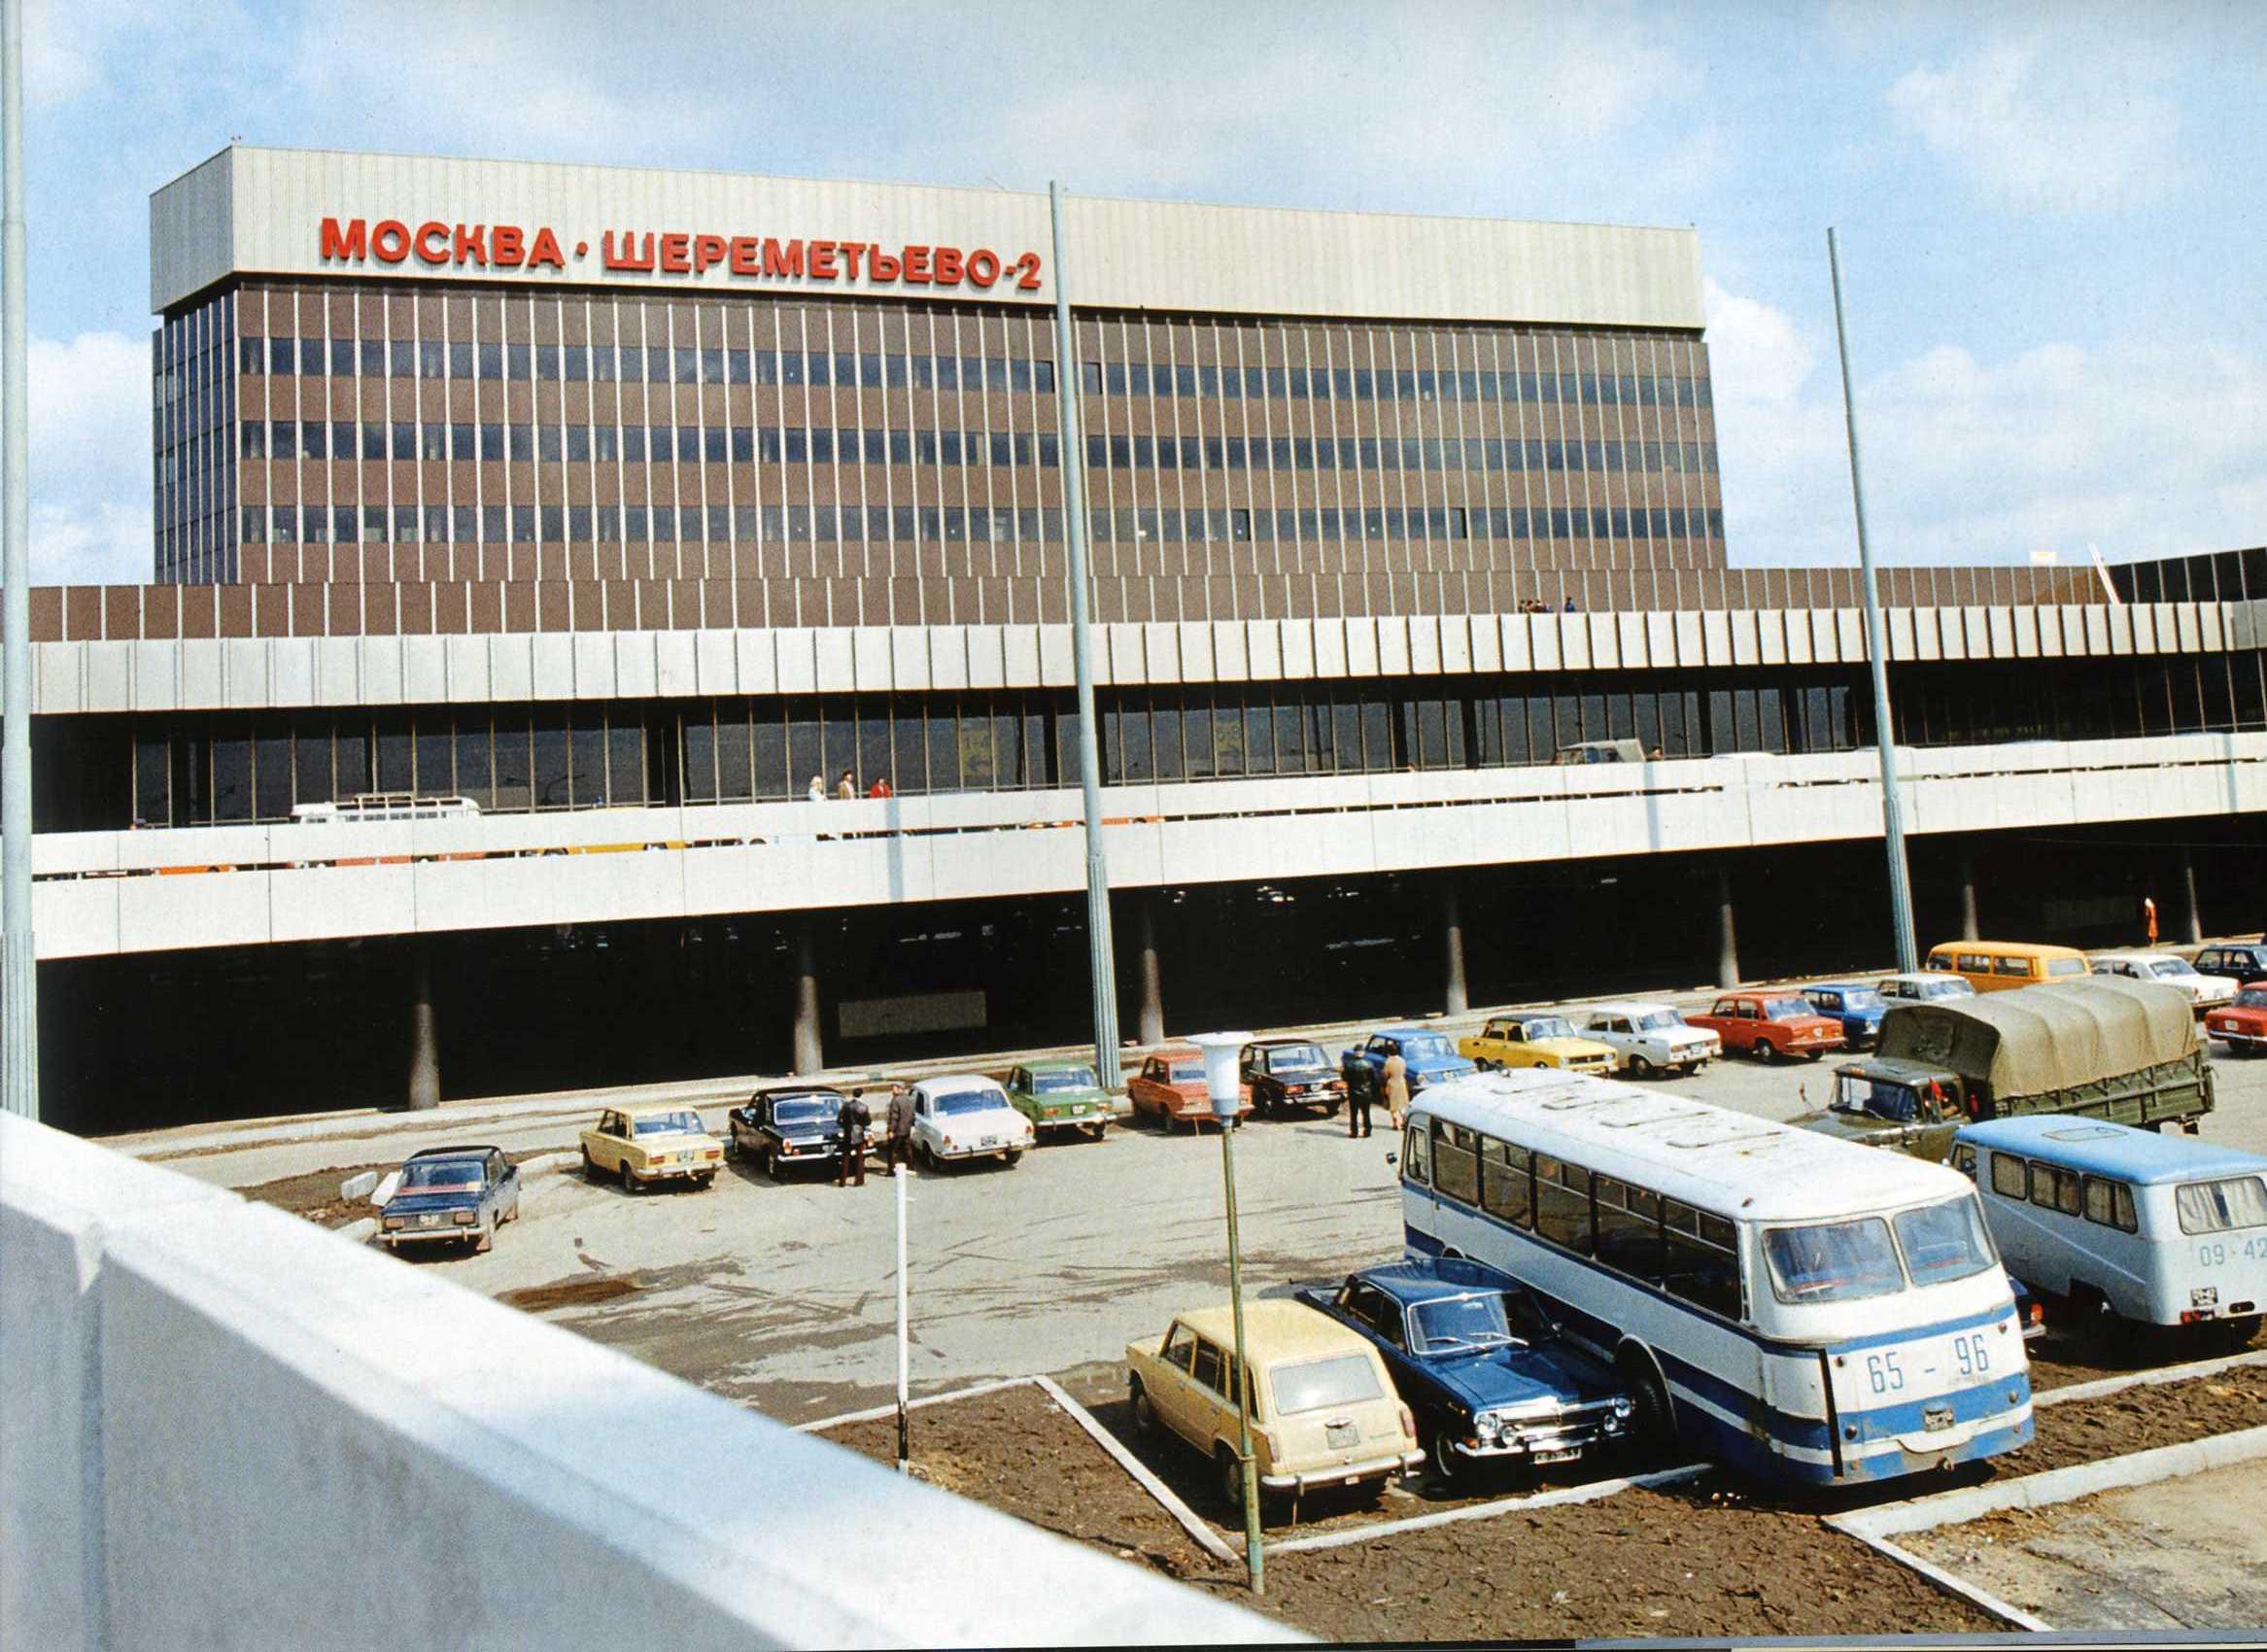 1980. Аэропорт «Шереметьево-2» перед открытием